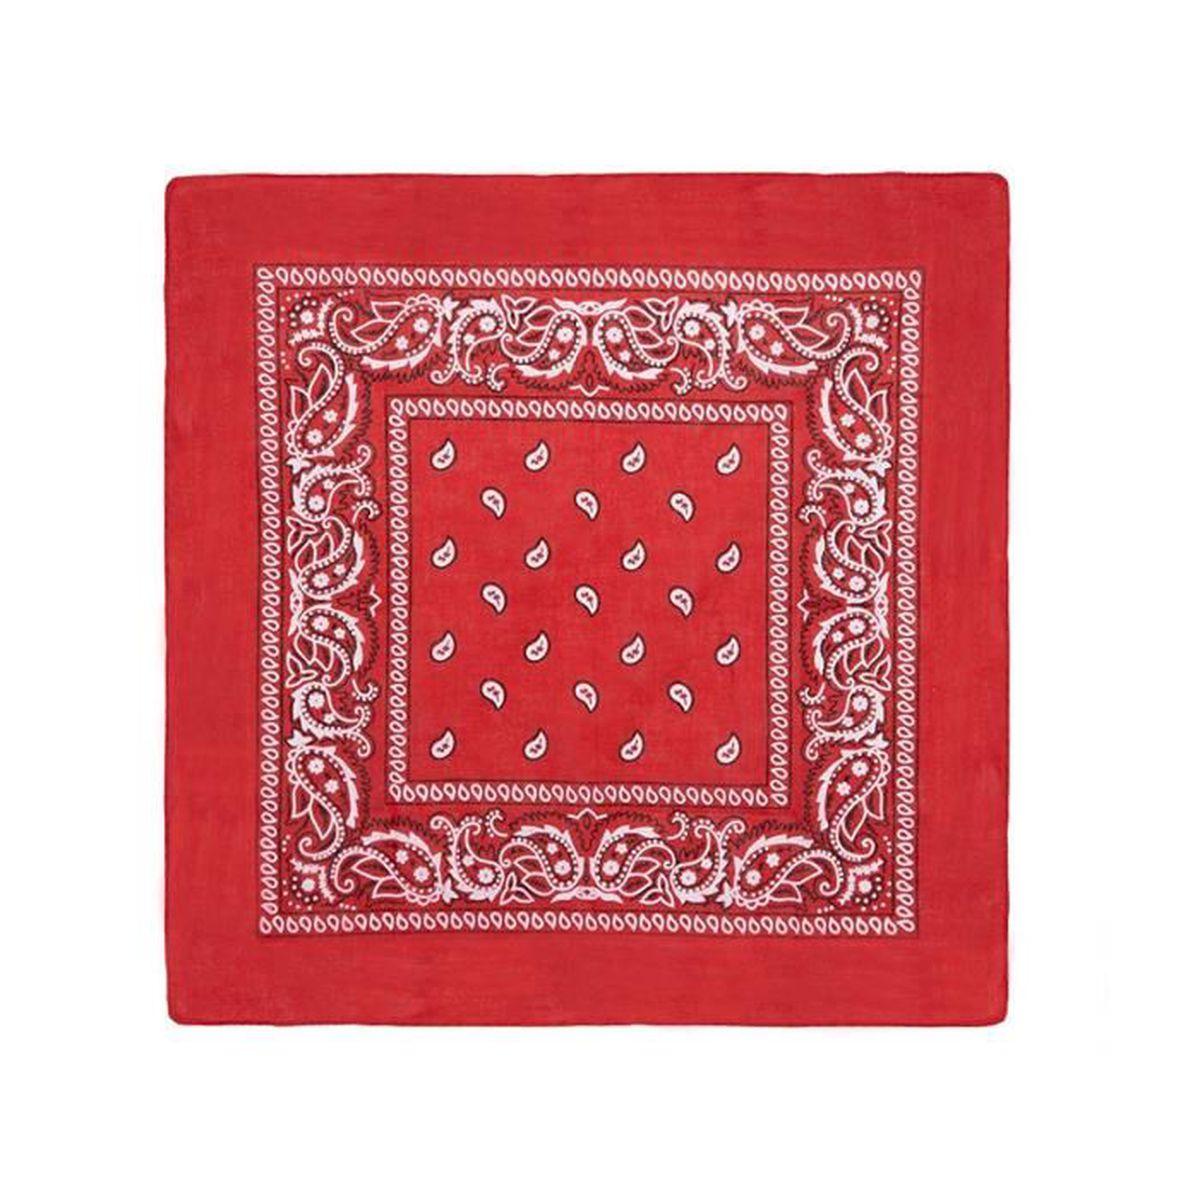 KUSTOM FACTORY Bandana Drapeau Am/éricain Bleu et Rouge Coton 55 x 55 cm